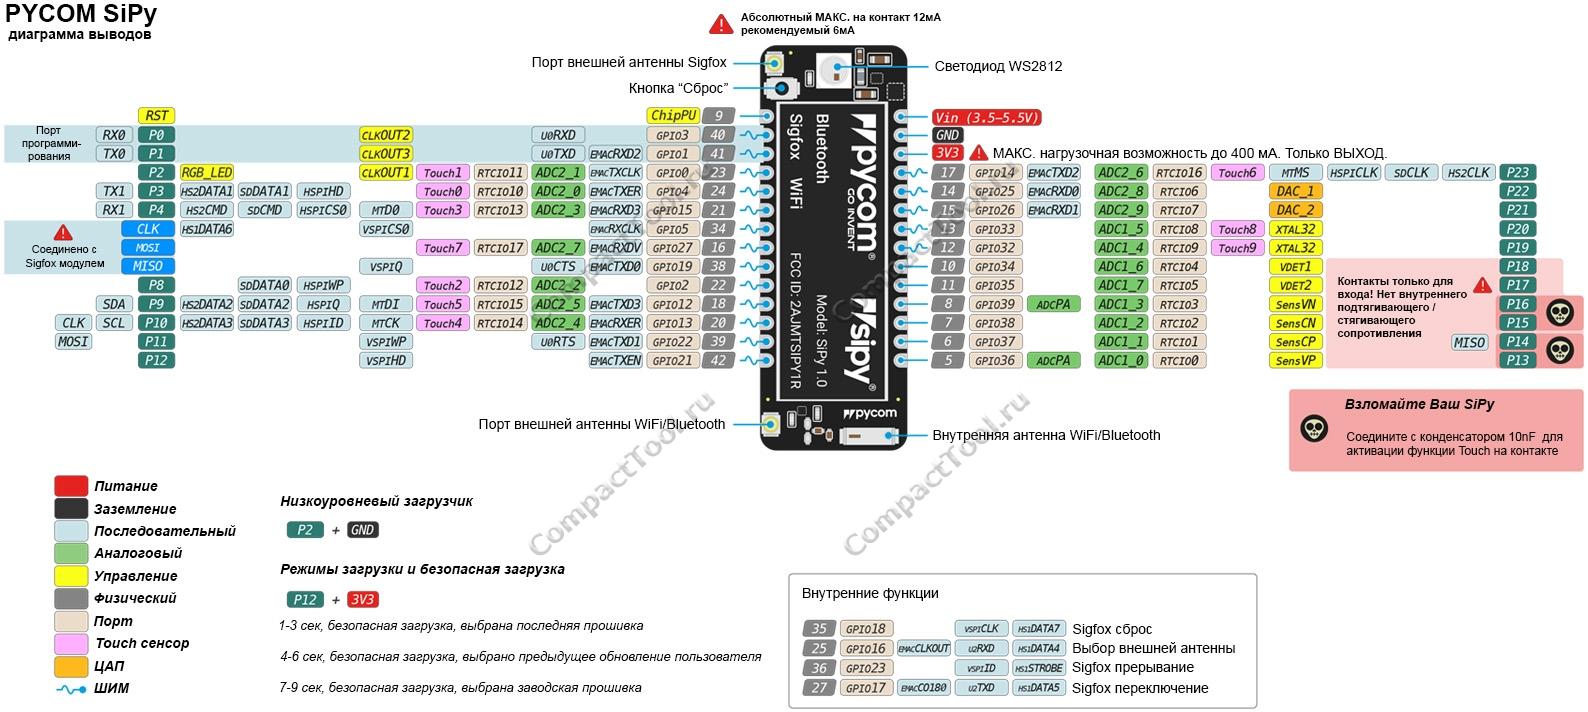 Функциональное назначение выводов PYCOM SiPy (распиновка)